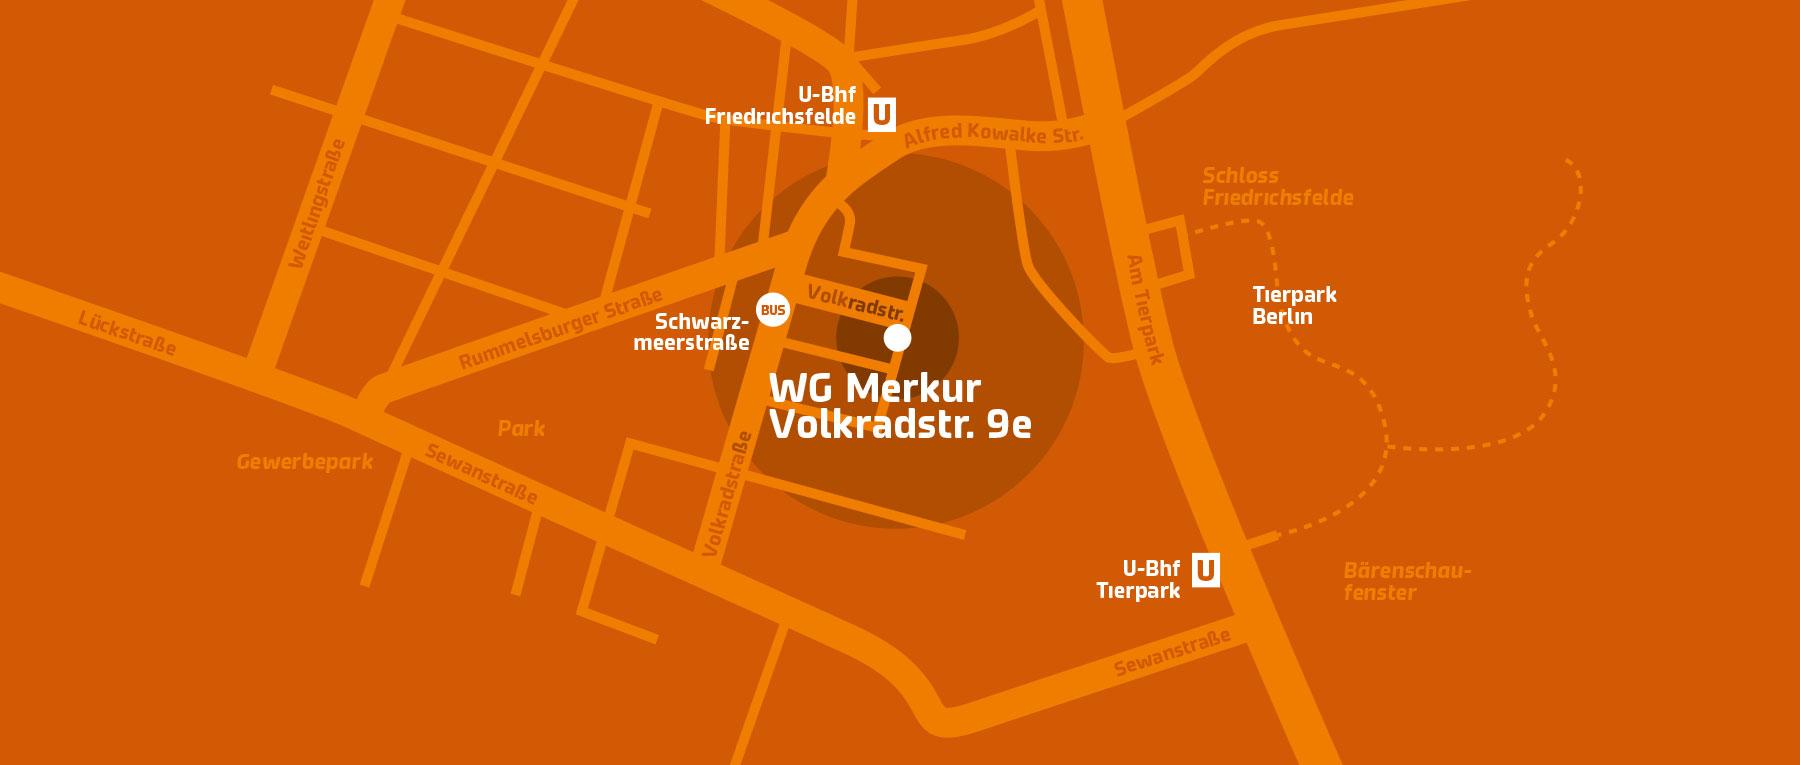 Hier finden Sie uns: Volkradstr. 9e, 10319 Berlin